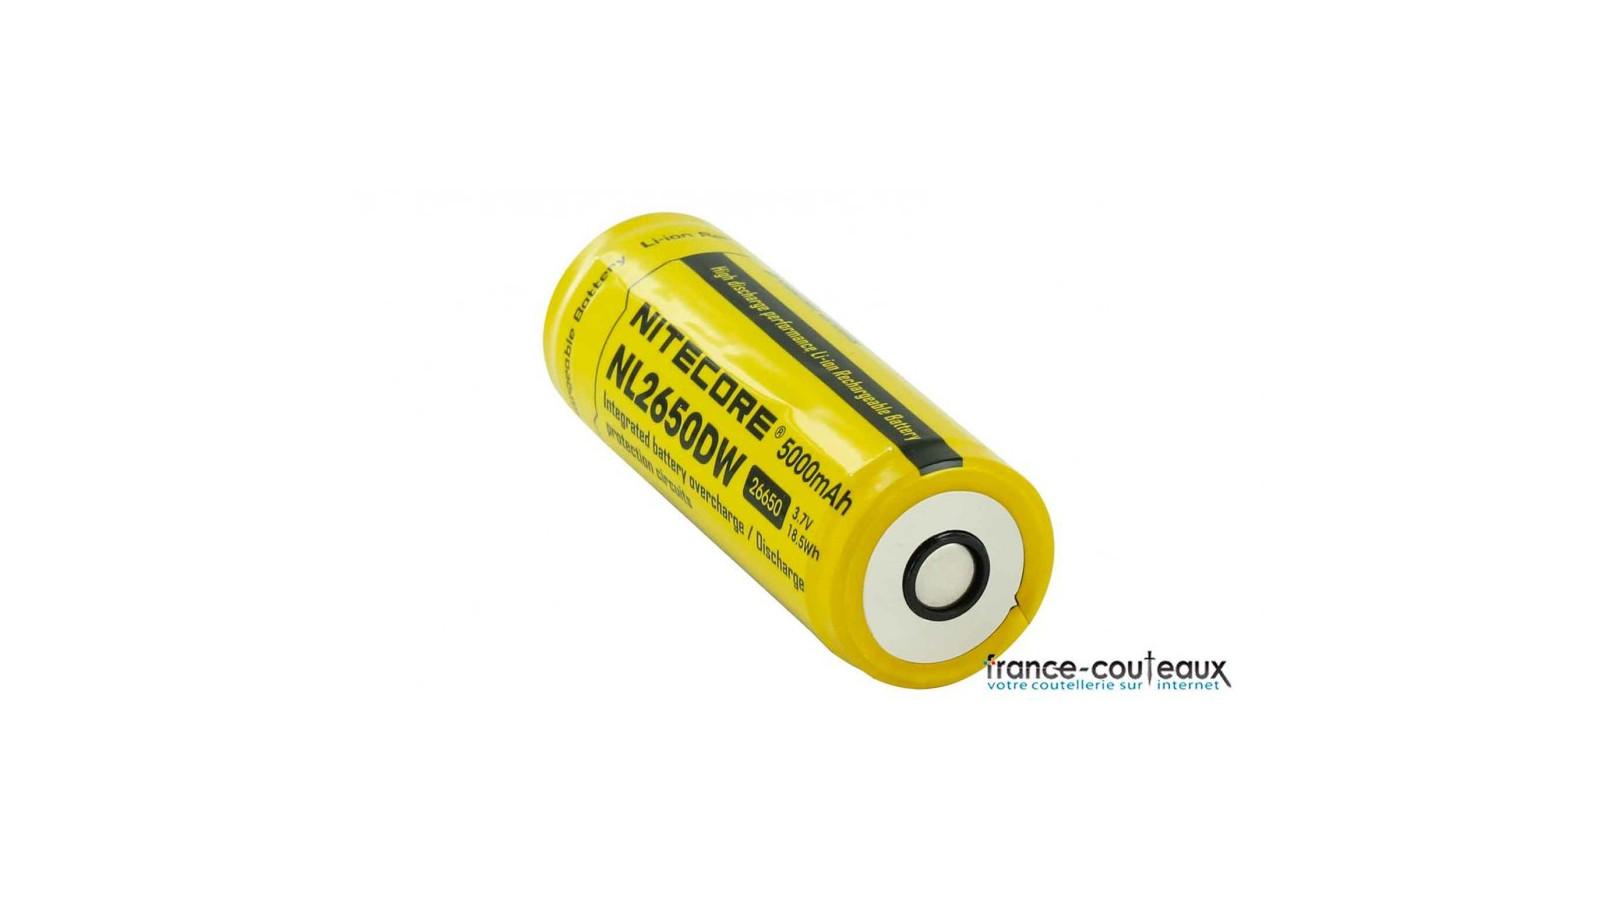 Alarme sonore SA2 porte-clé 120 décibles avec lampe led